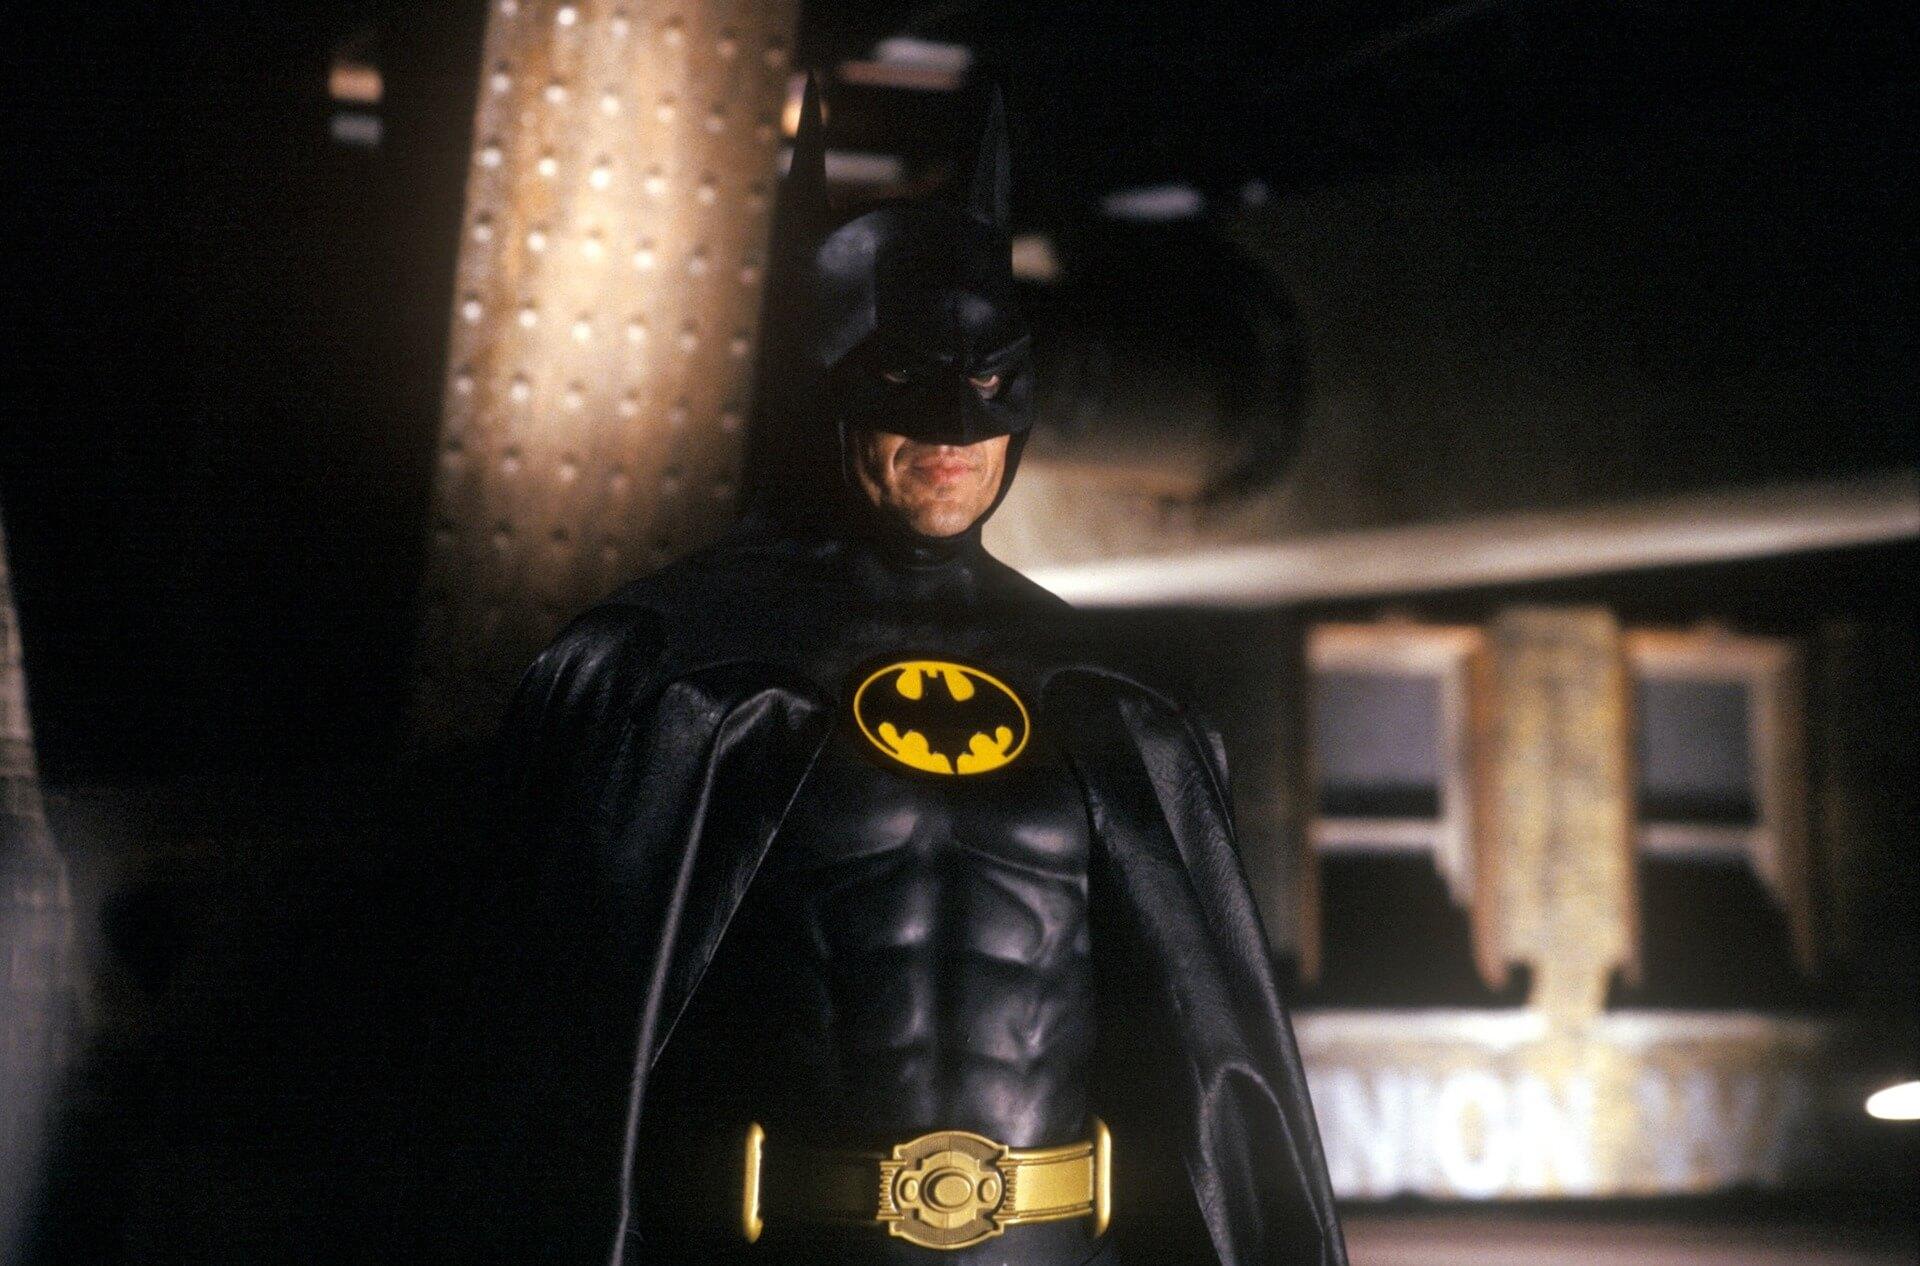 マイケル・キートン演じるバットマンが帰ってくる!エズラ・ミラー主演のDCEU『The Flash』に出演決定 film210420_batman_main